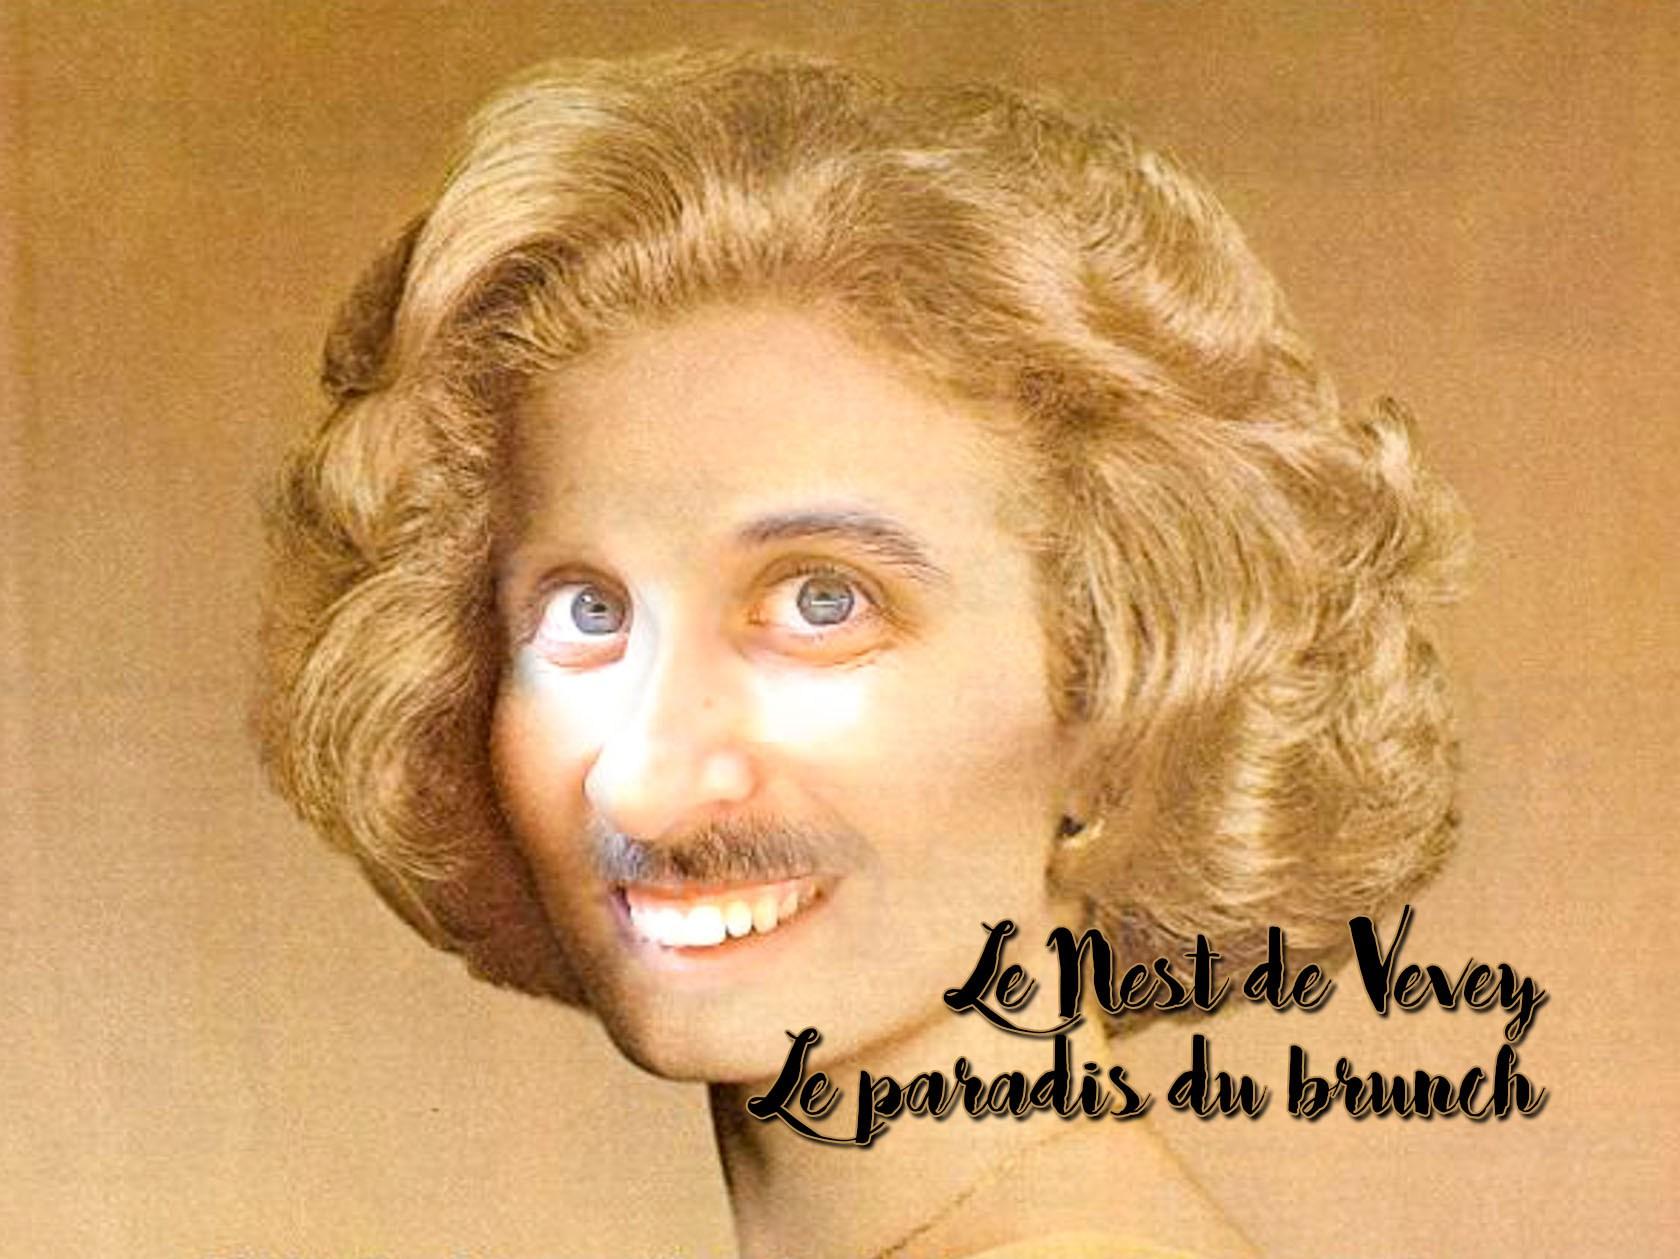 @takemeeverywhere's cover photo for 'Le Nest de Vevey, le paradis du brunch'